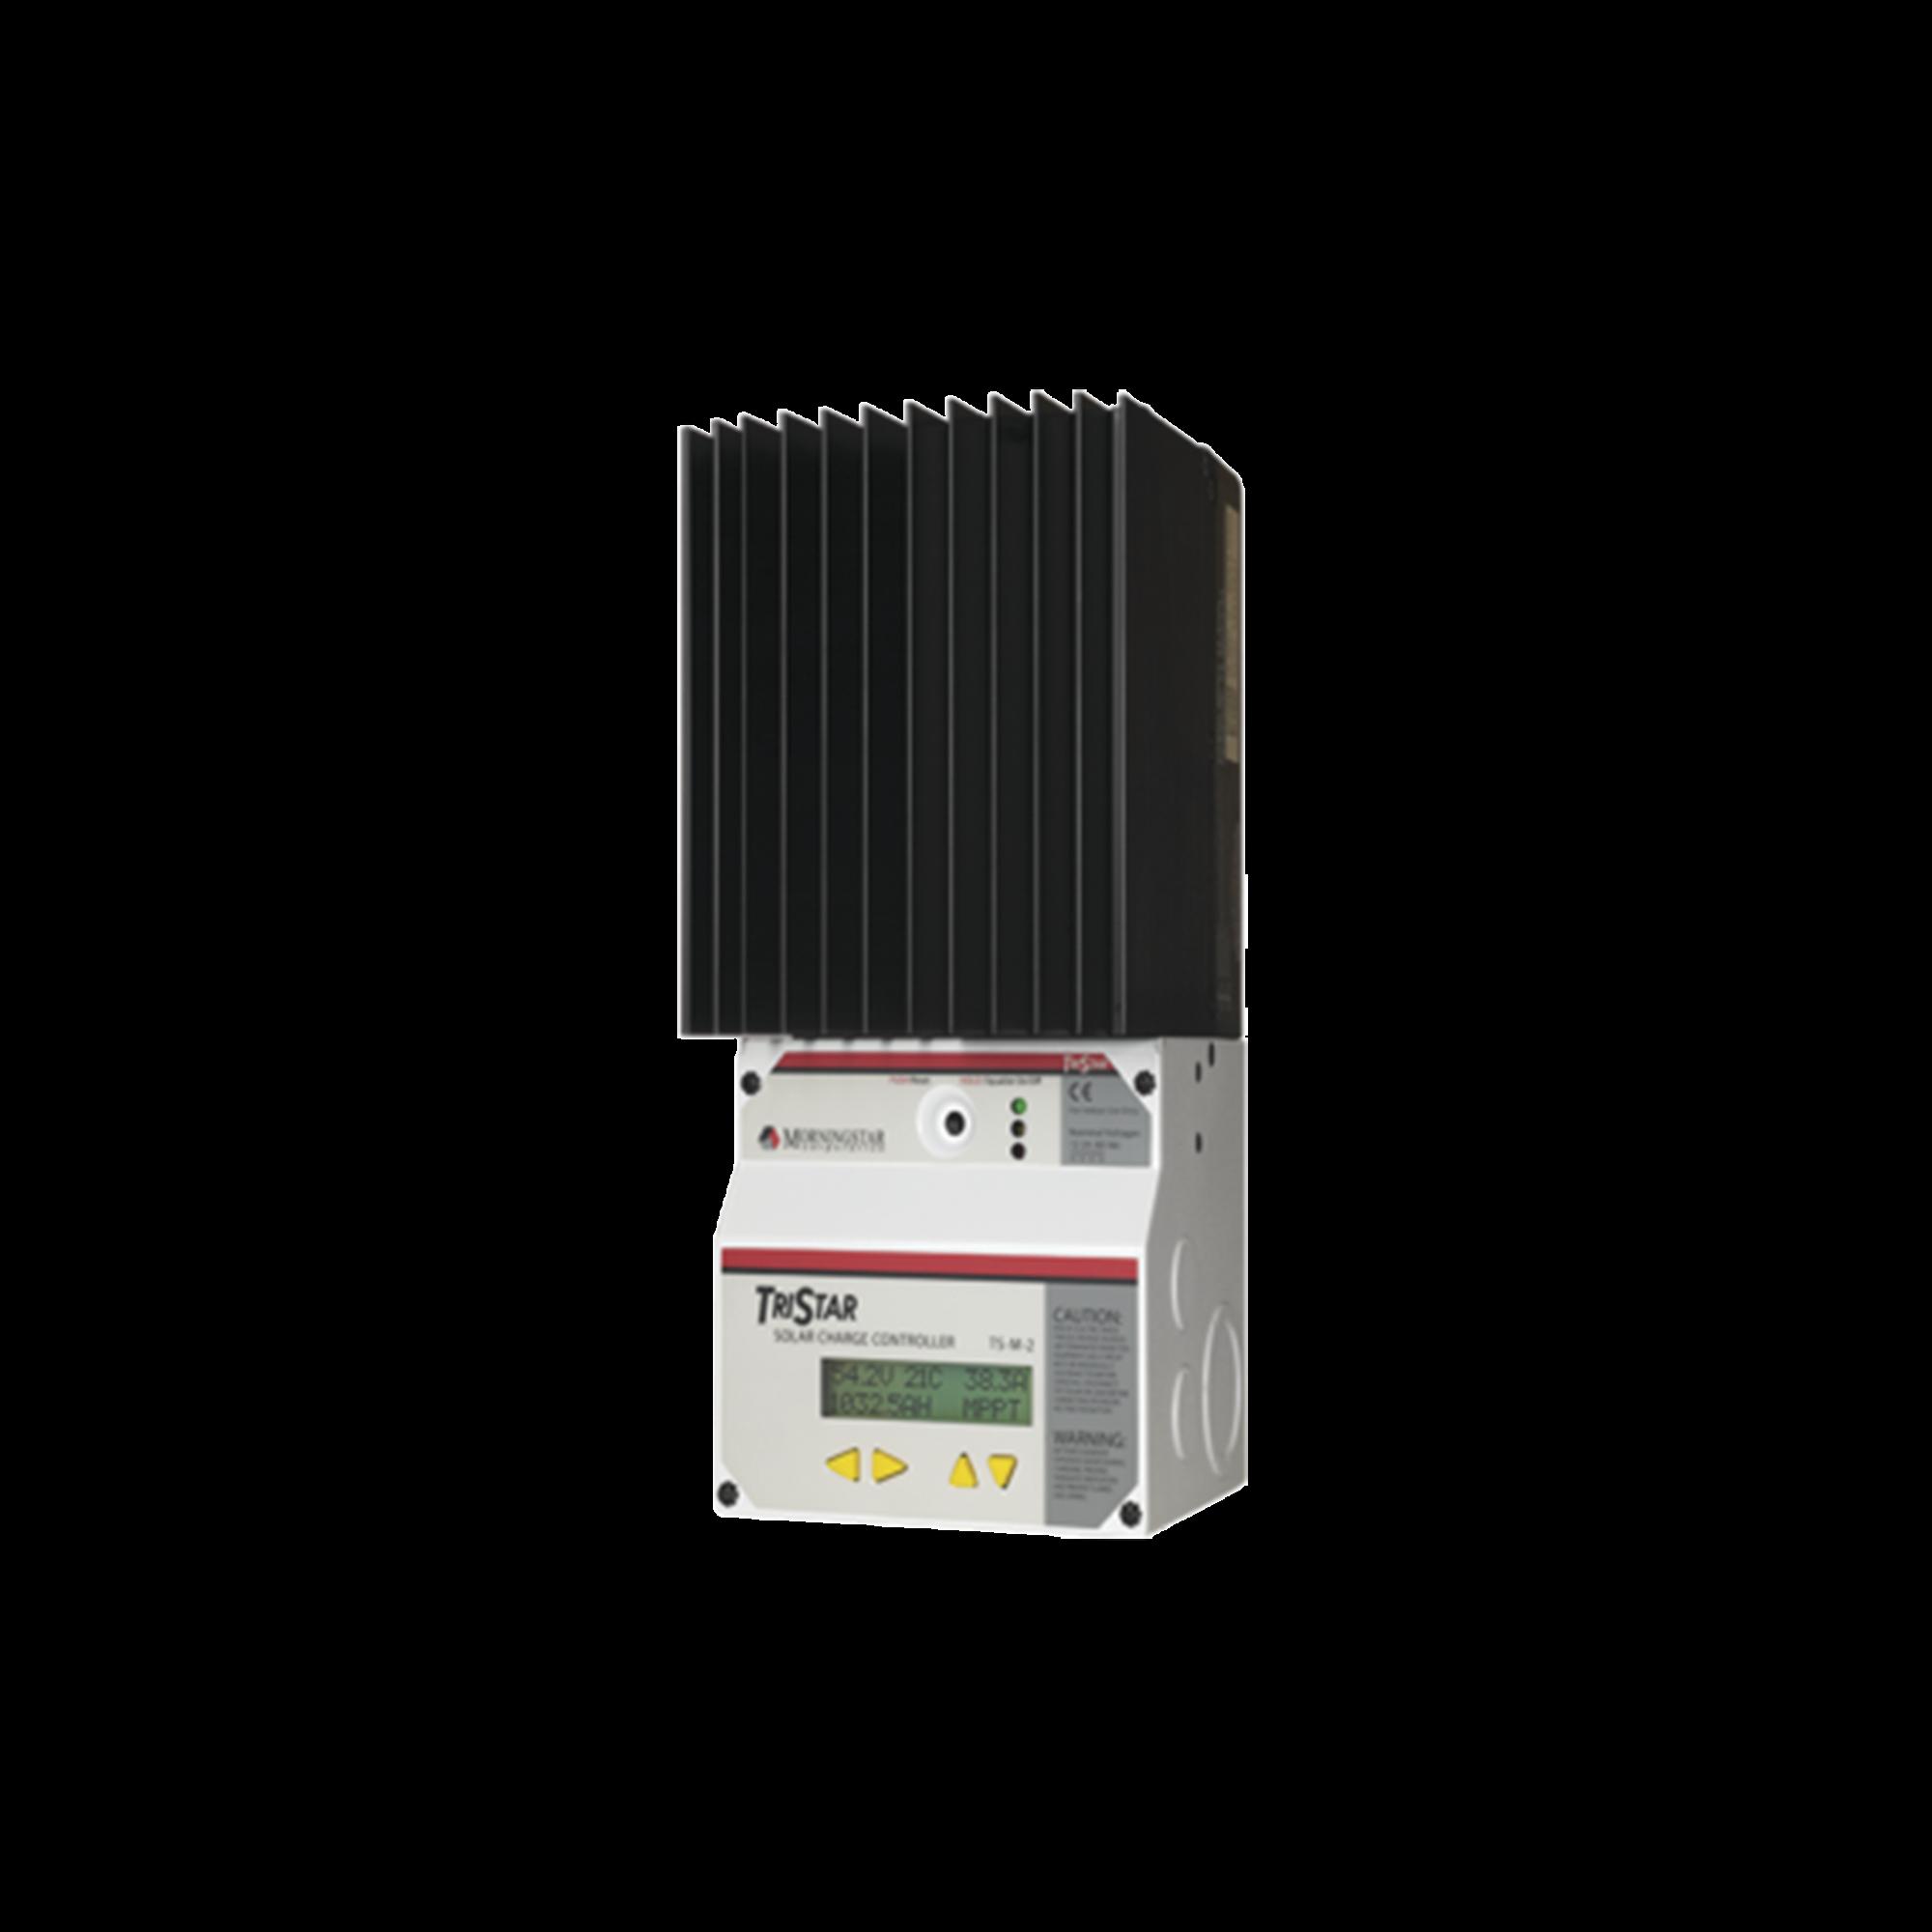 Controlador de carga MPPT de 60A con Display